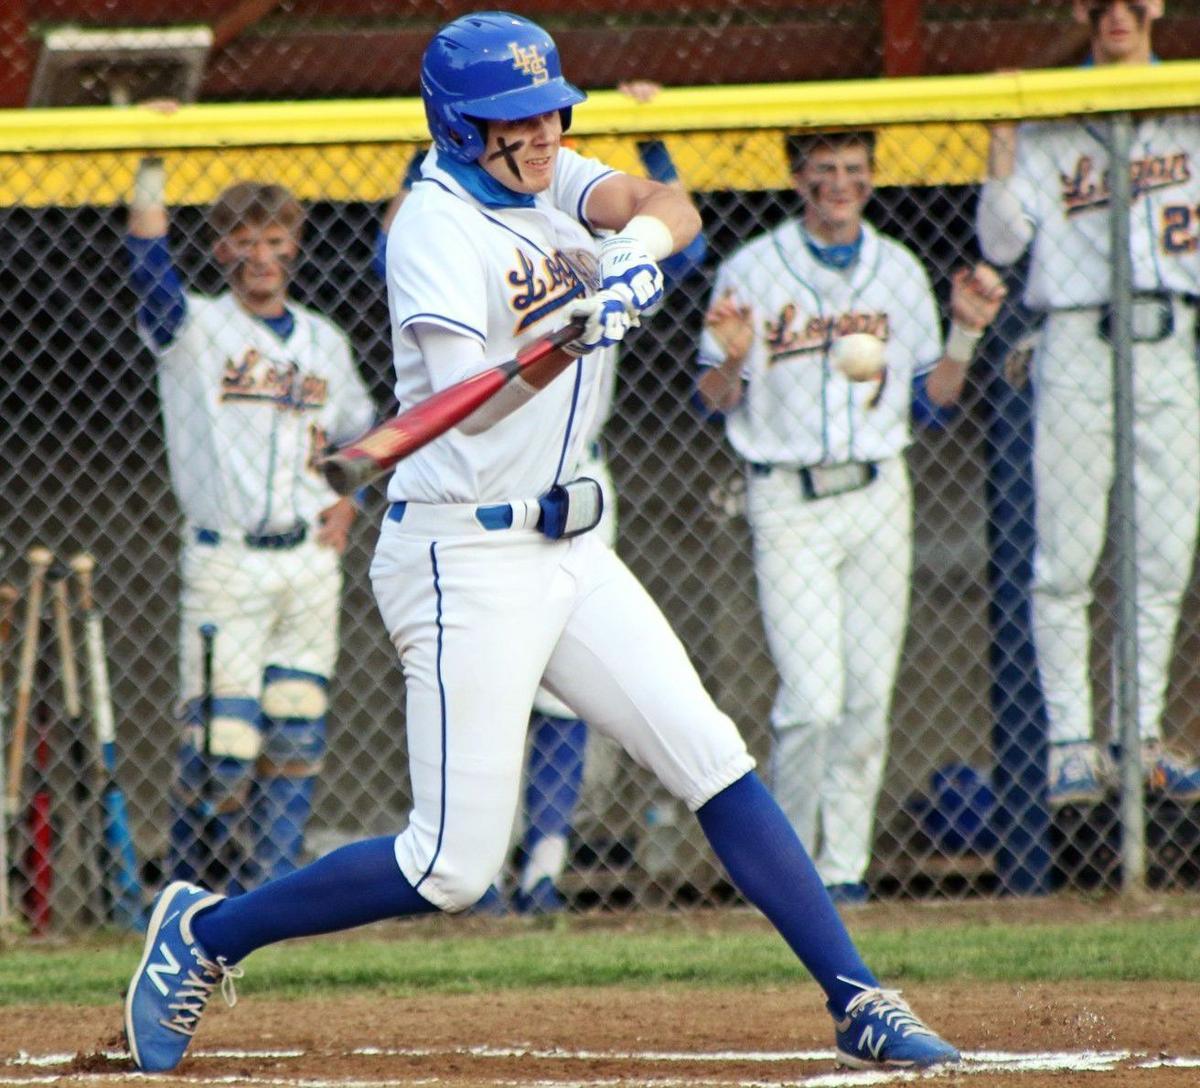 Logan Baseball Garrett Williamson Batting.jpg